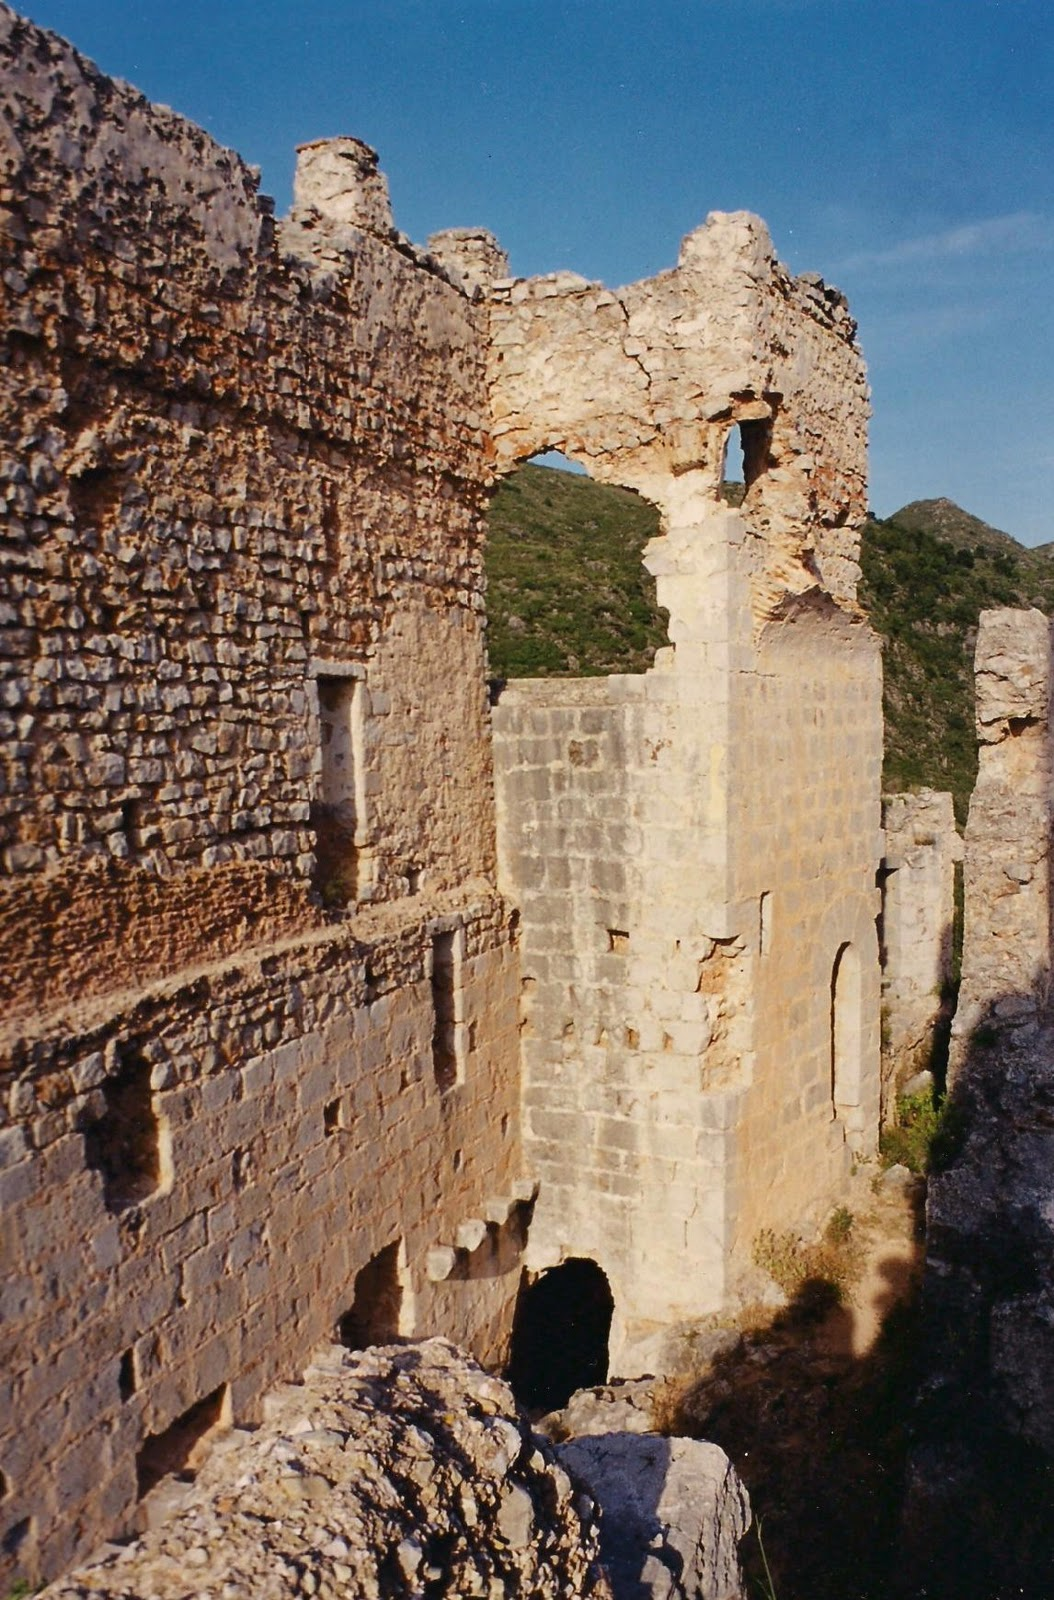 Segon recinte emmurallat de l'època cristiana del castell de la Reina Mora